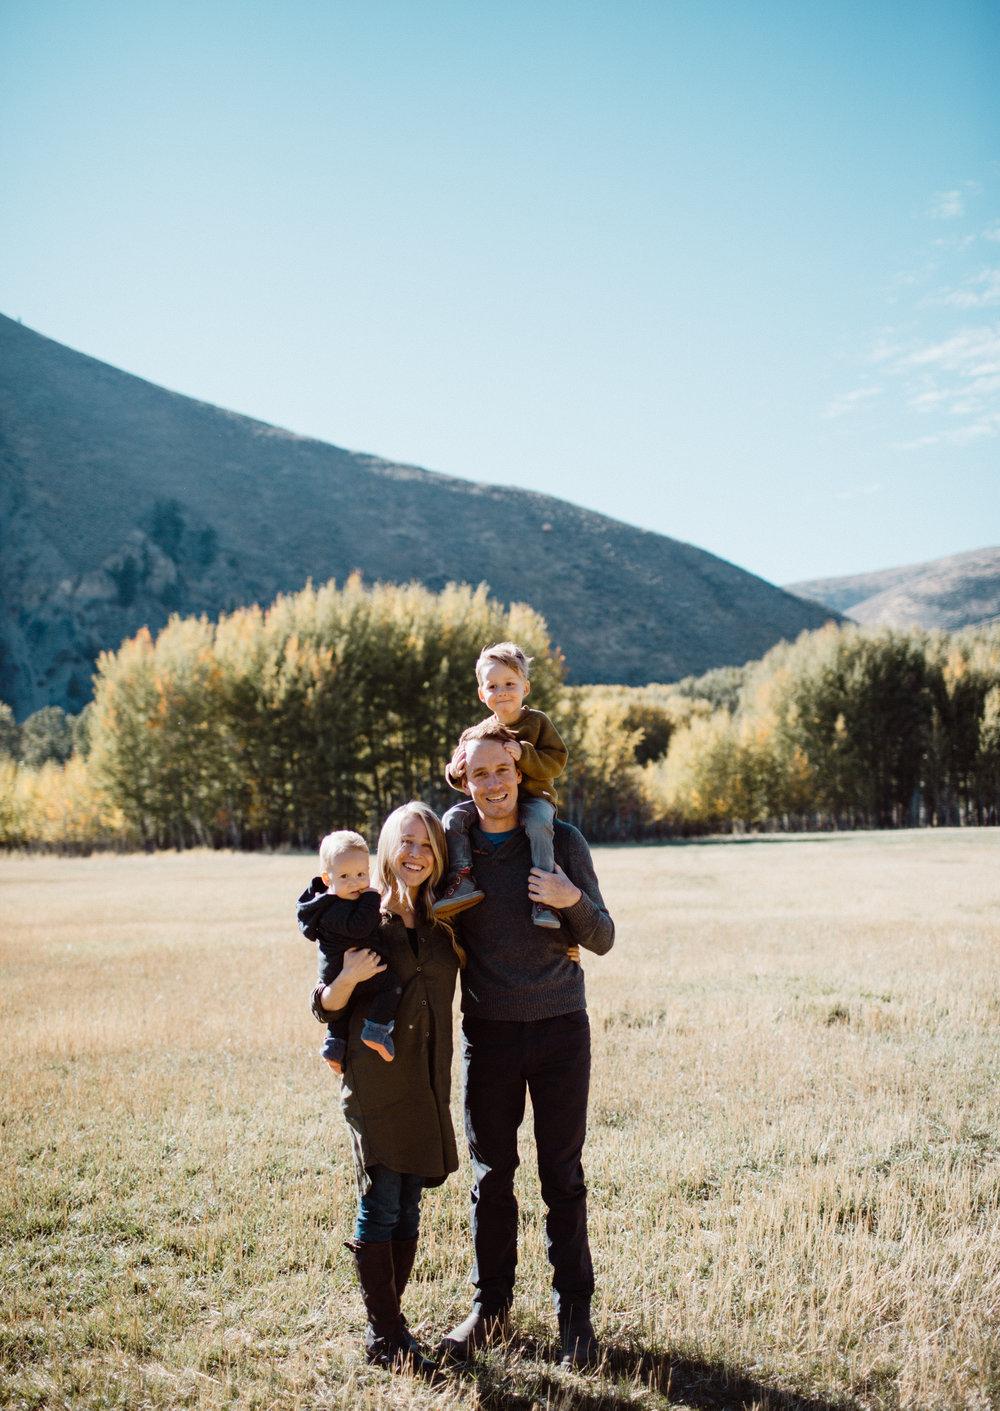 walkerfamily-Sunvalleyfallfamilyphotos-3.jpg